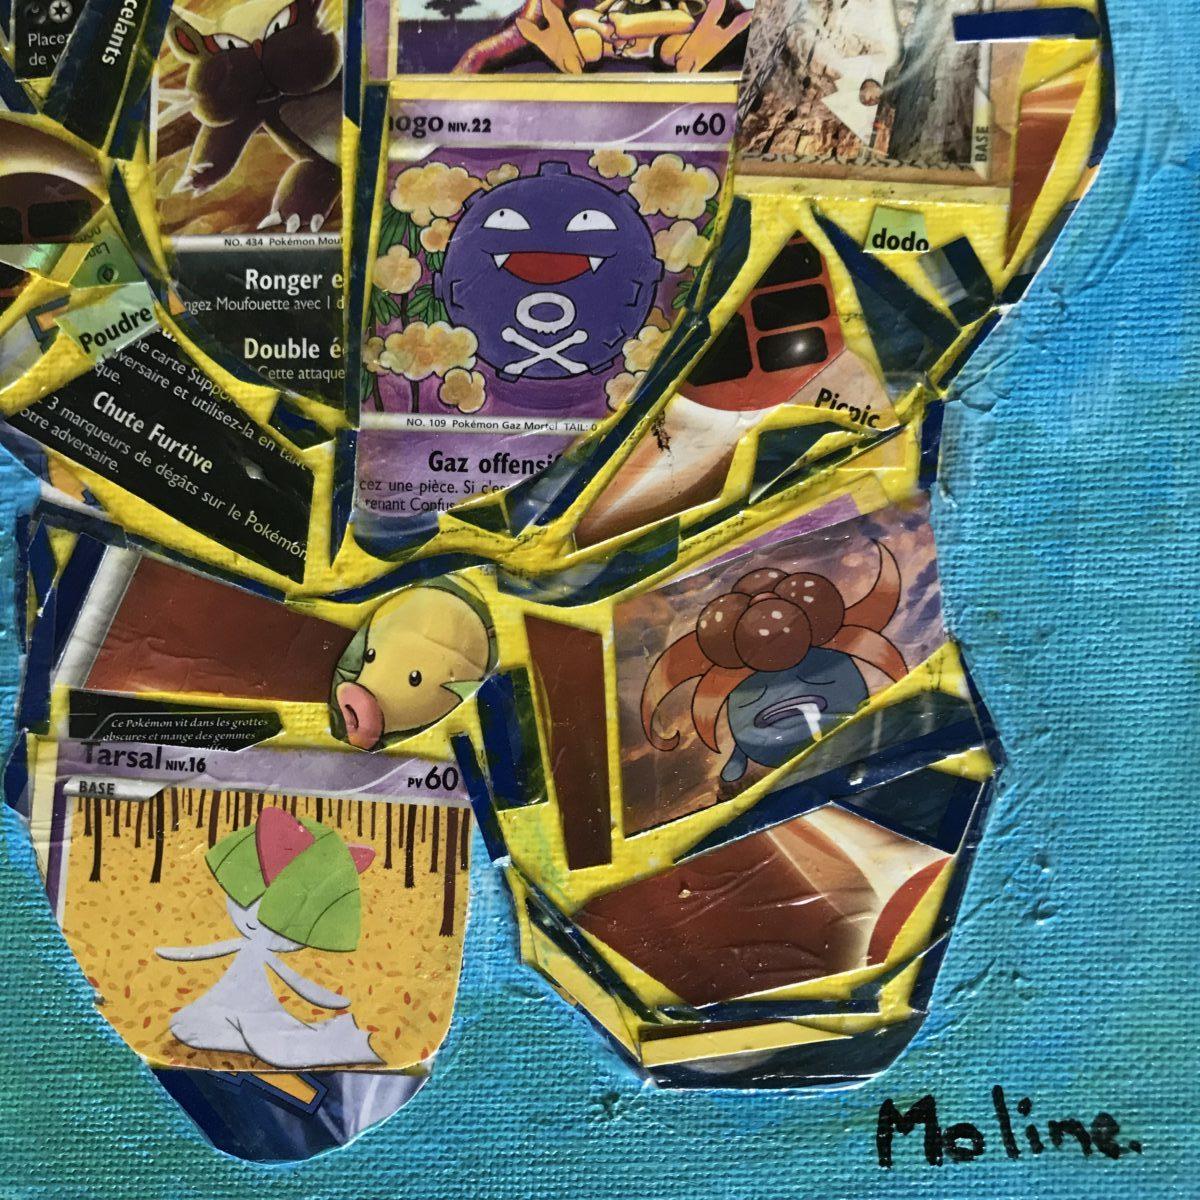 Partie basse de la toile avec Moline signature en bas à droite. fond bleu signature noire. Toile assez lumineuse.